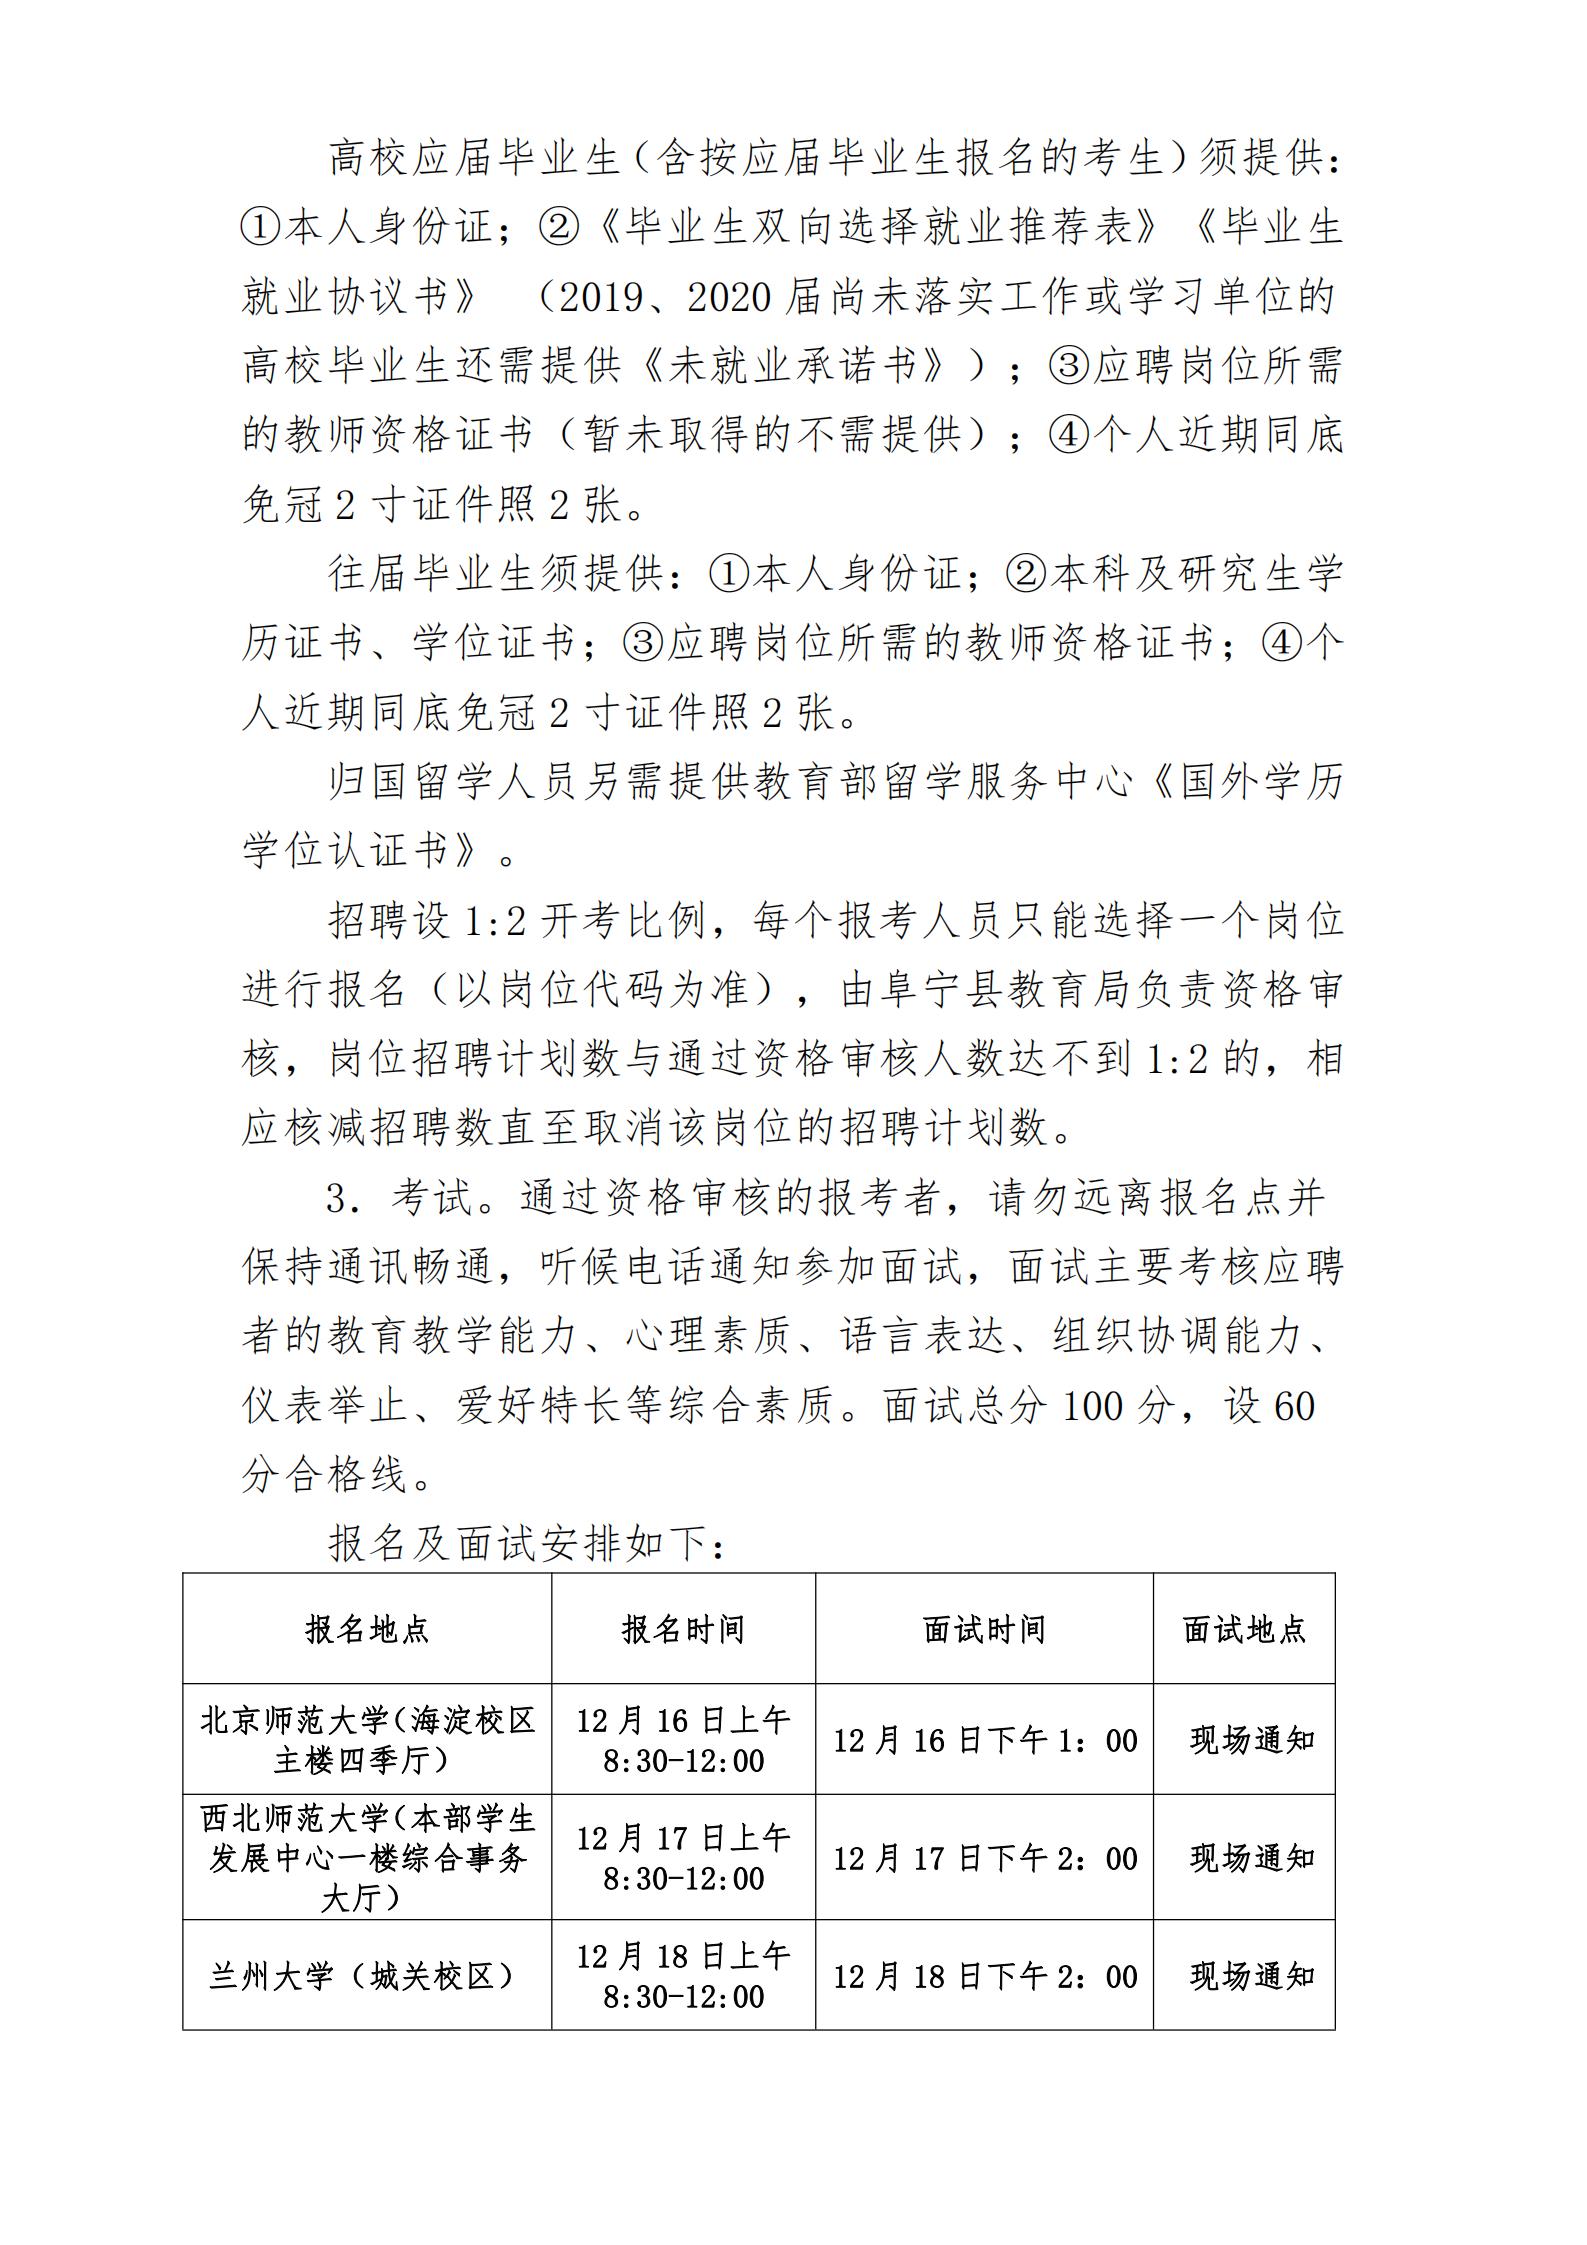 2020下半年盐城市阜宁县教育局校园招聘教师方案图3